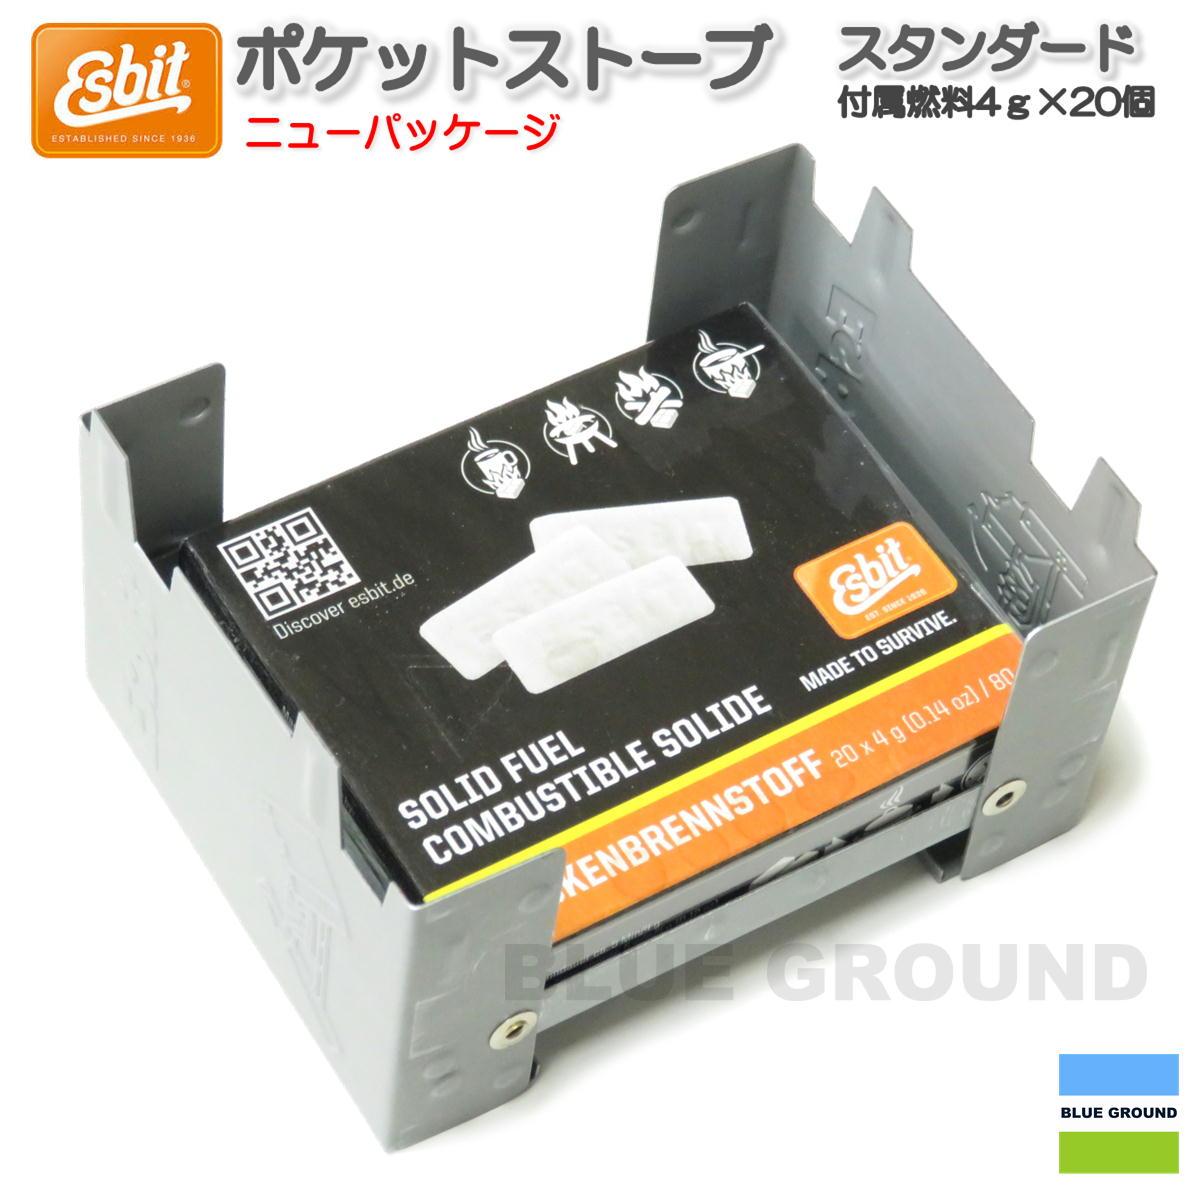 メール便可 Esbit(エスビット)/ポケットストーブ・スタンダード